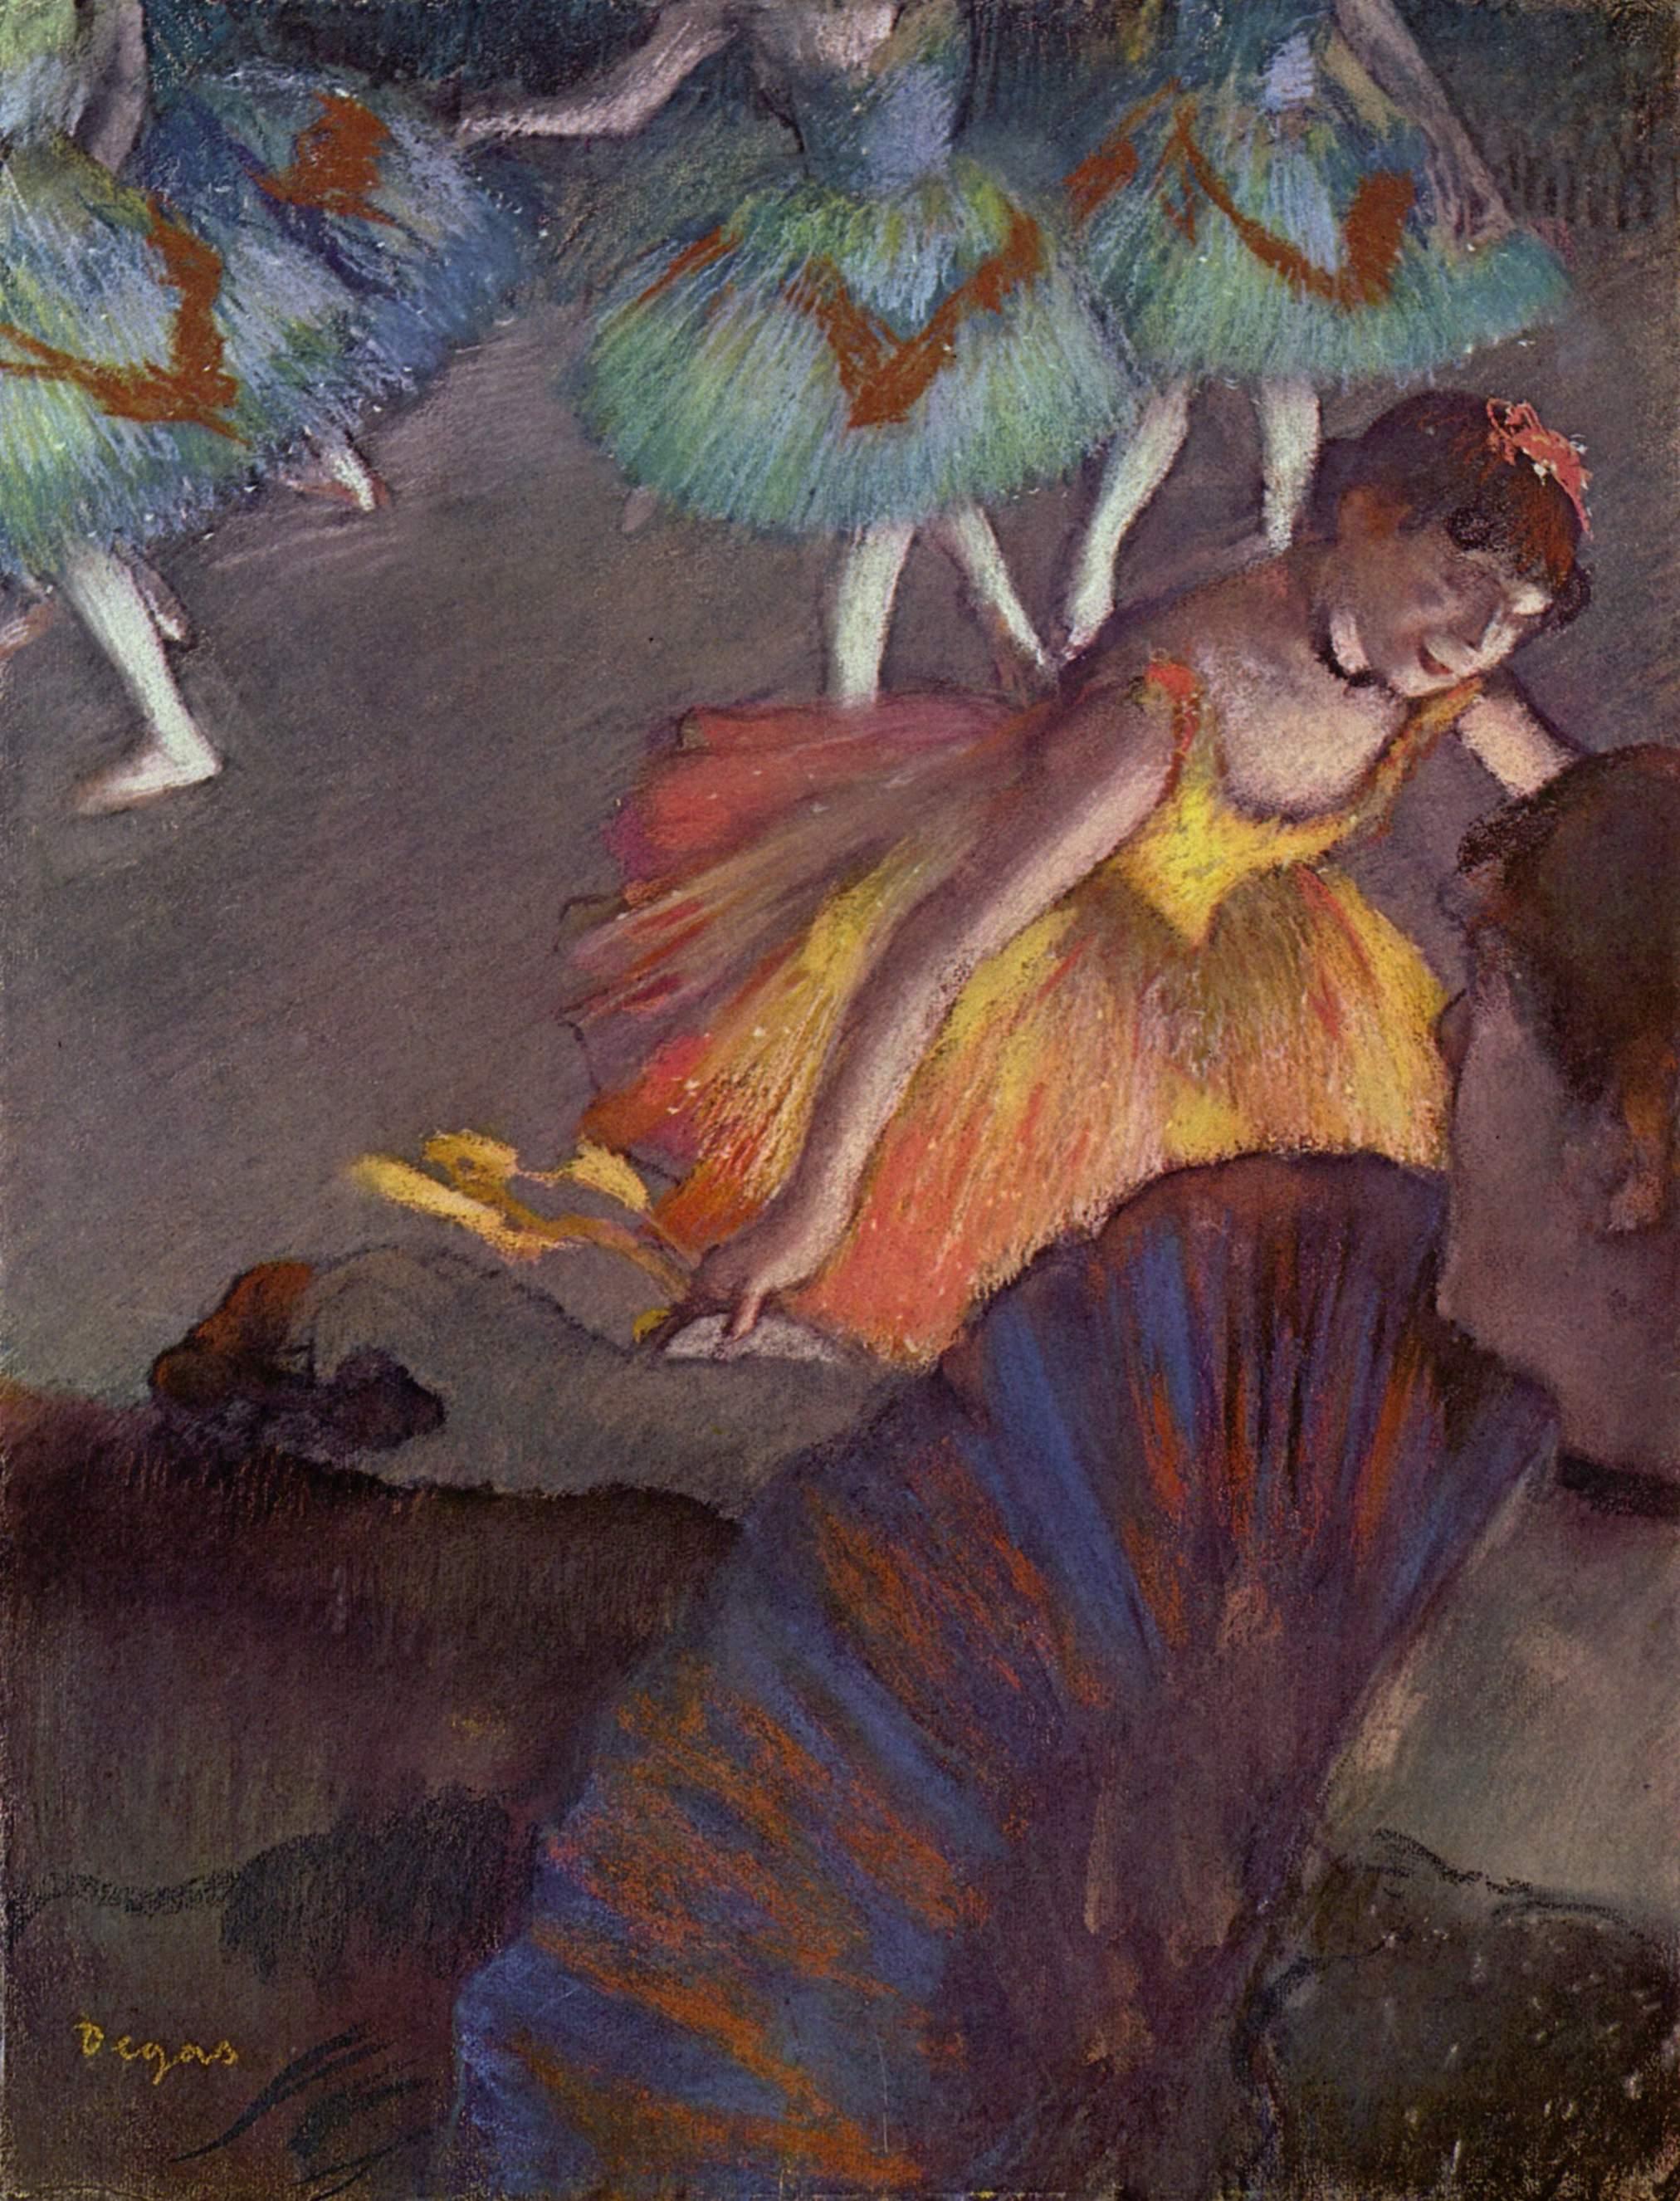 Fichier:Edgar Degas - Chasse de danse.jpg — Wikipédia